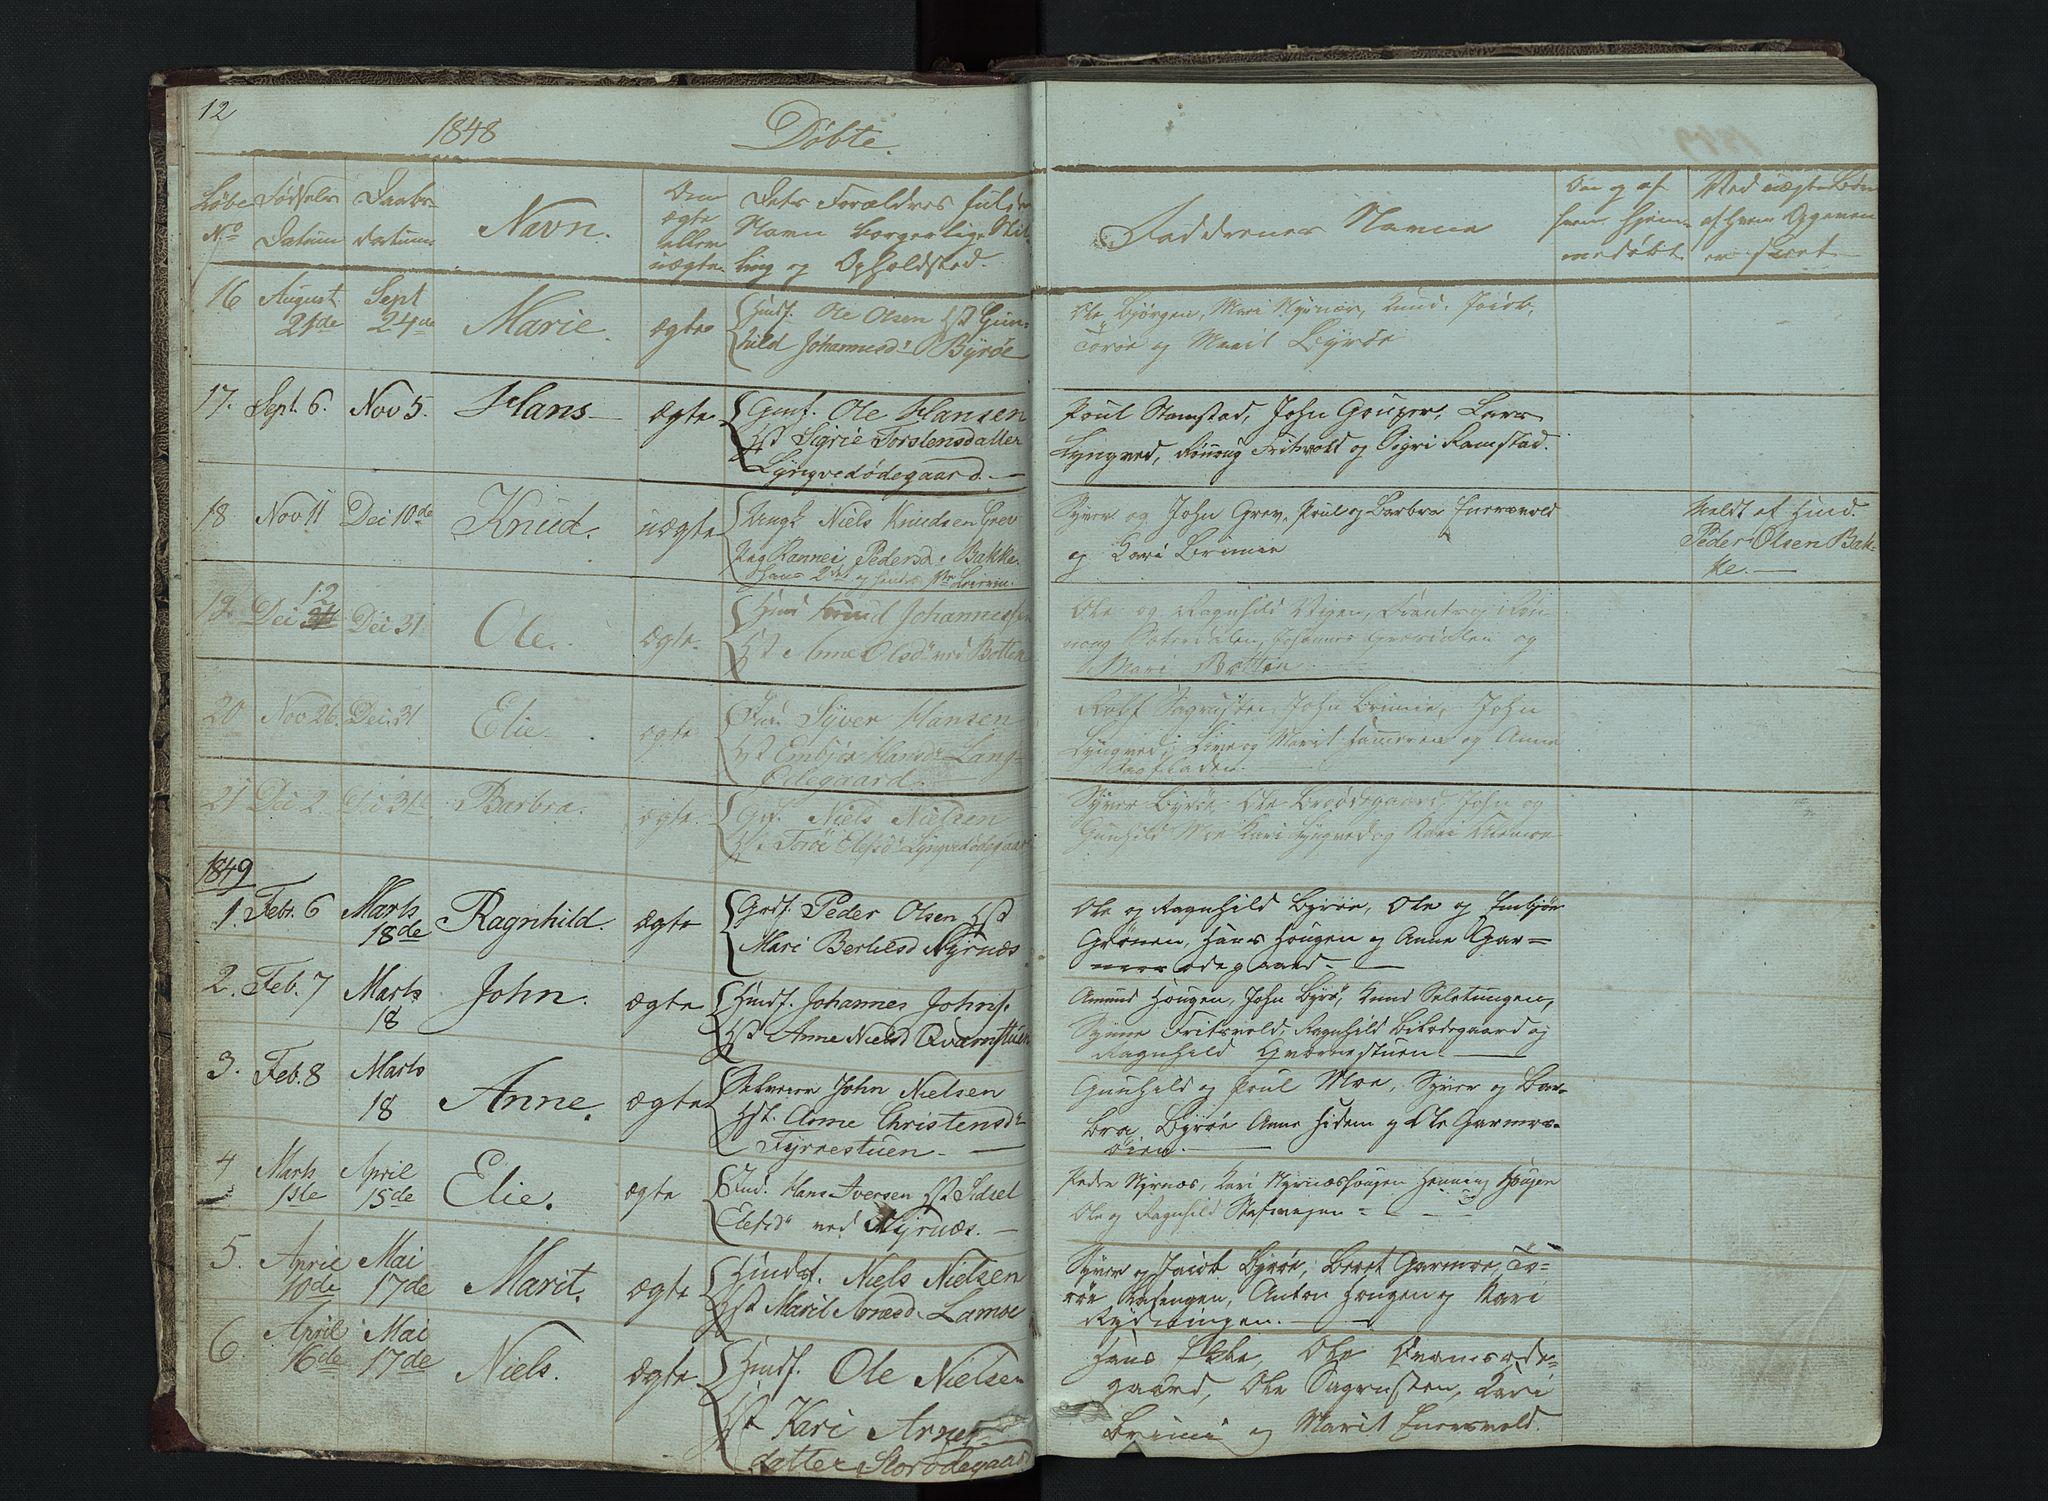 SAH, Lom prestekontor, L/L0014: Klokkerbok nr. 14, 1845-1876, s. 12-13